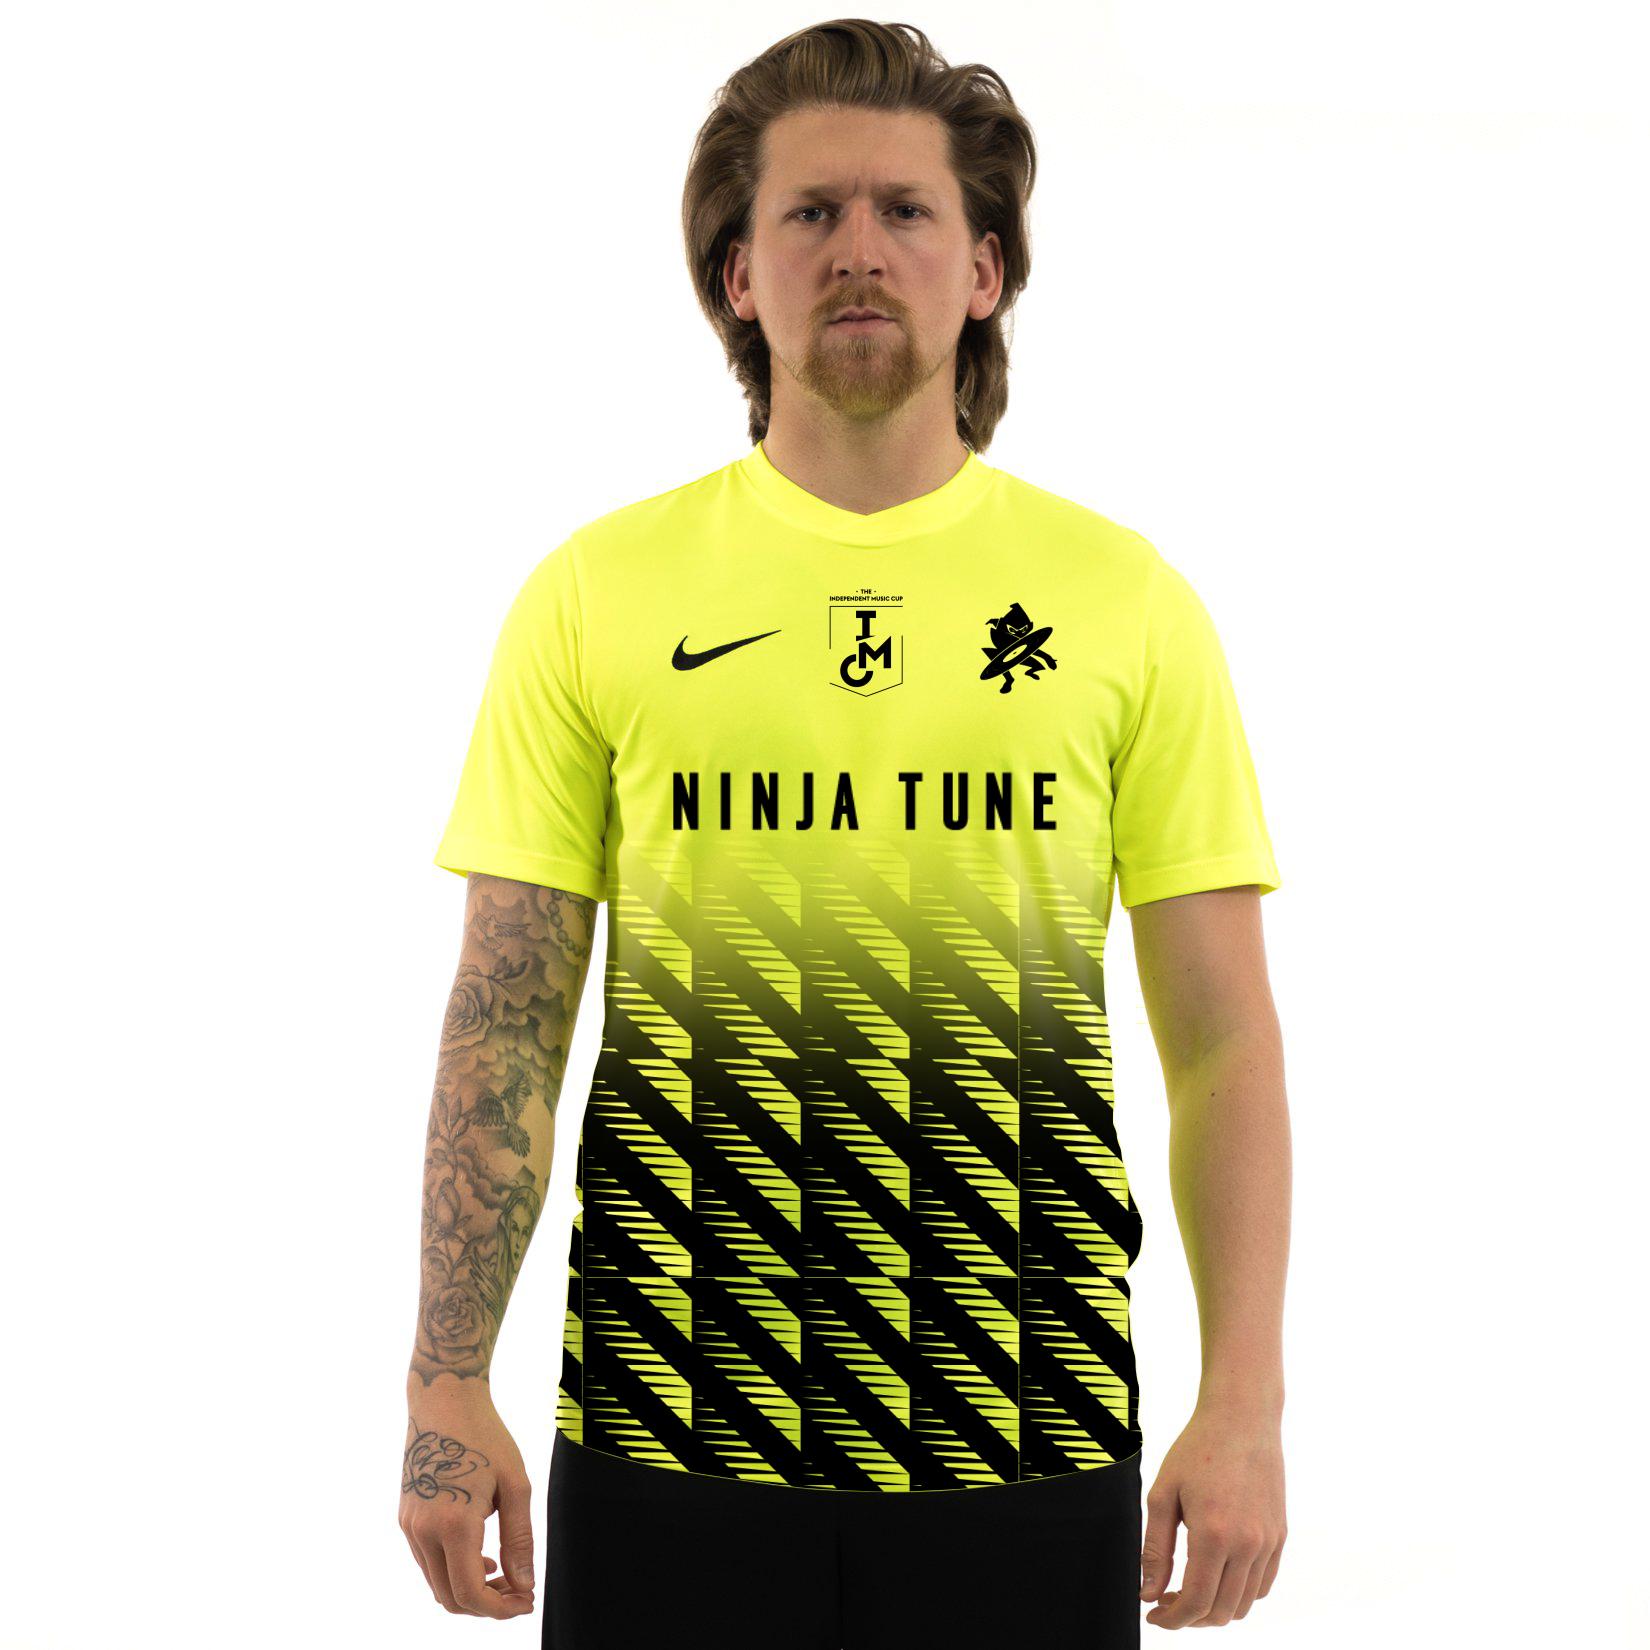 ninja_football_shirt 2.png